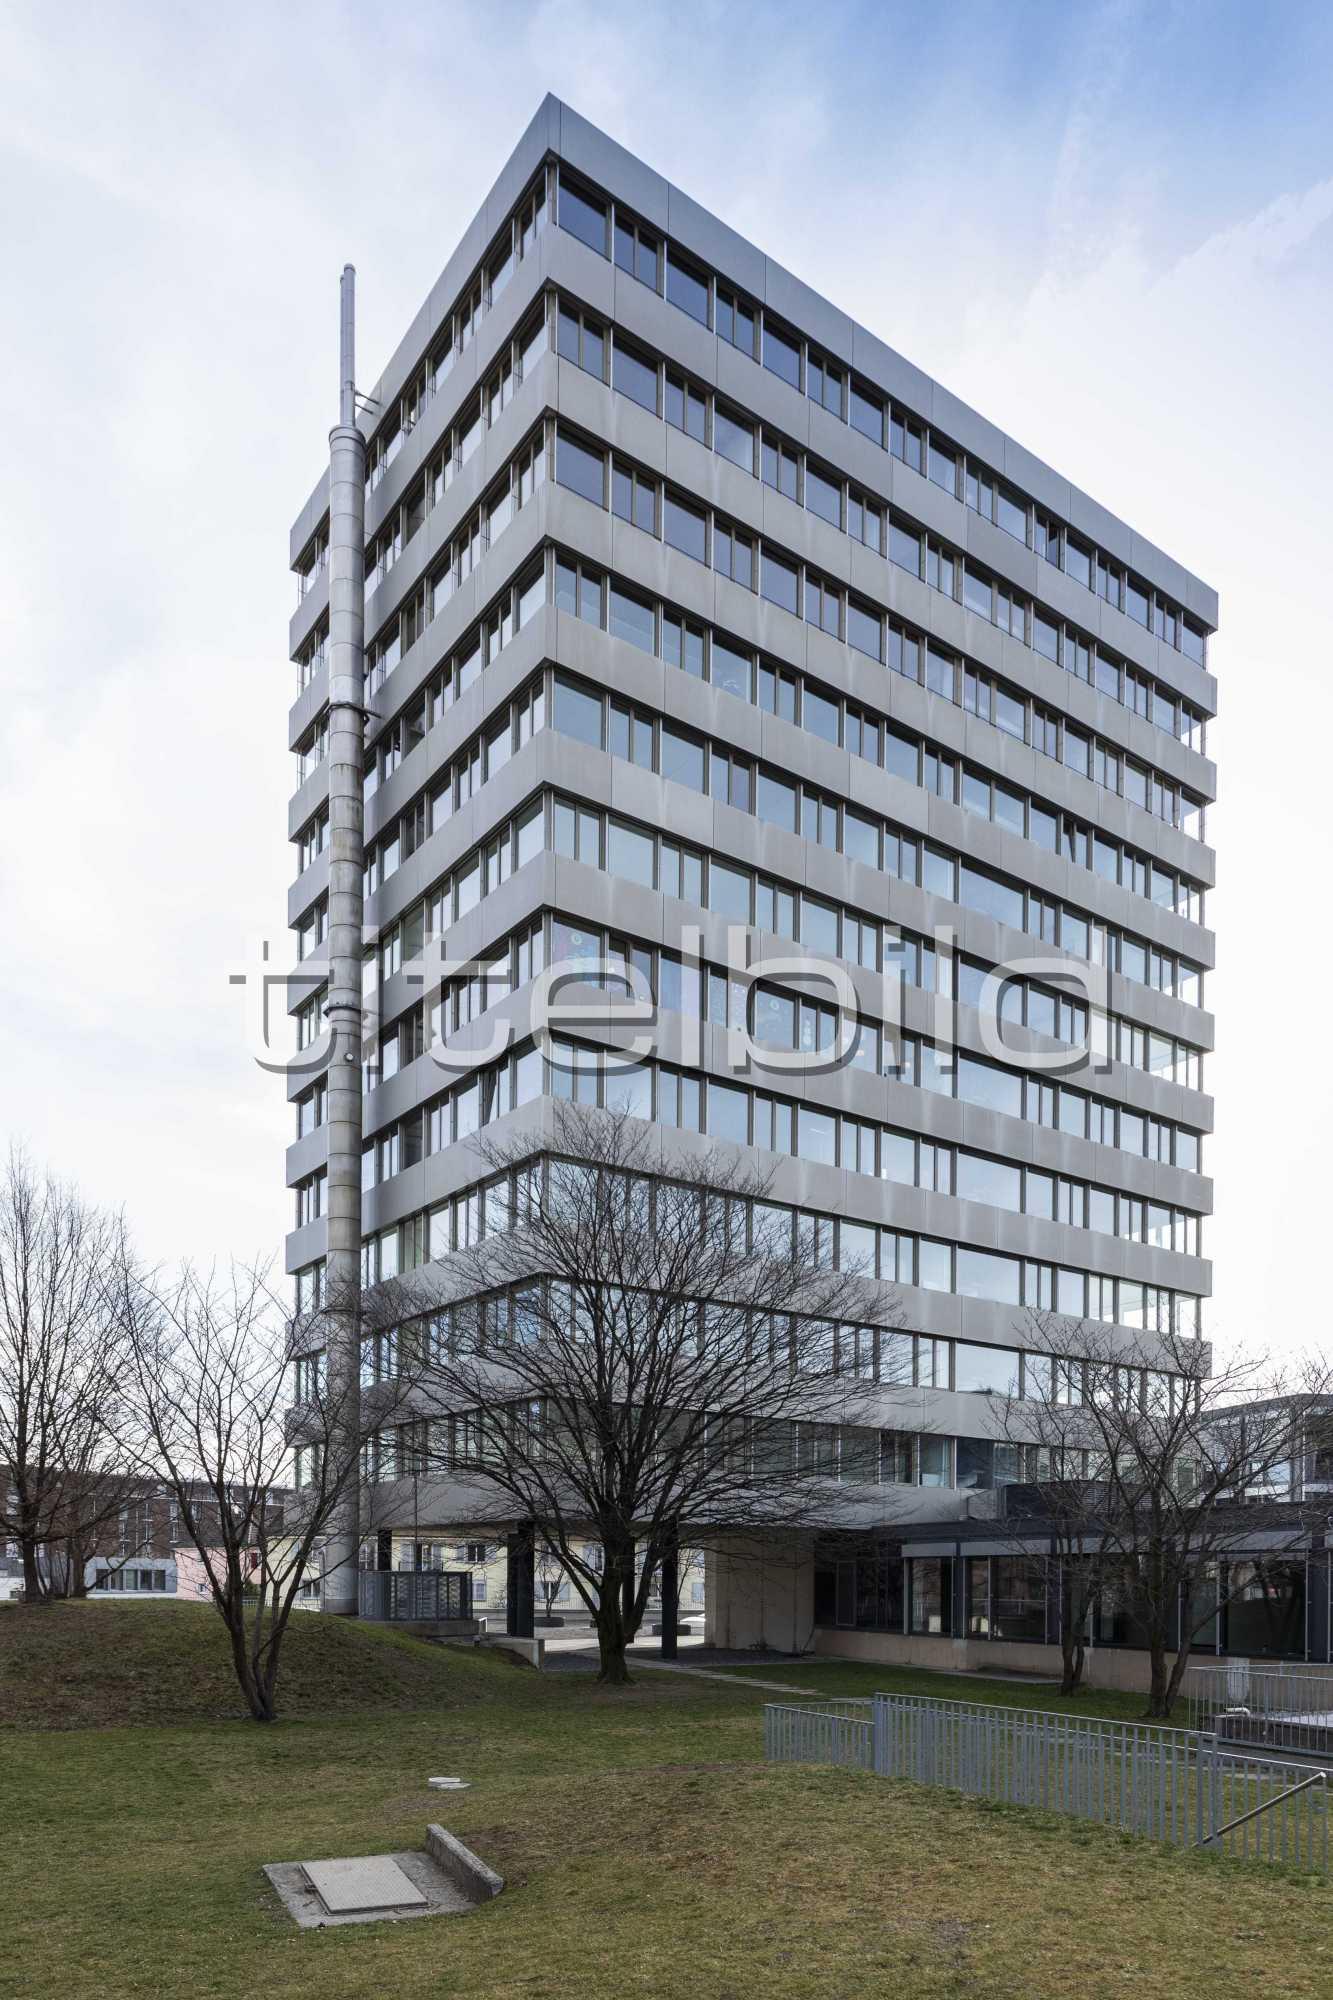 Projektbild-Nr. 7: Sanierung Hochhaus, Uetlibergstrasse 132, 8045 Zürich